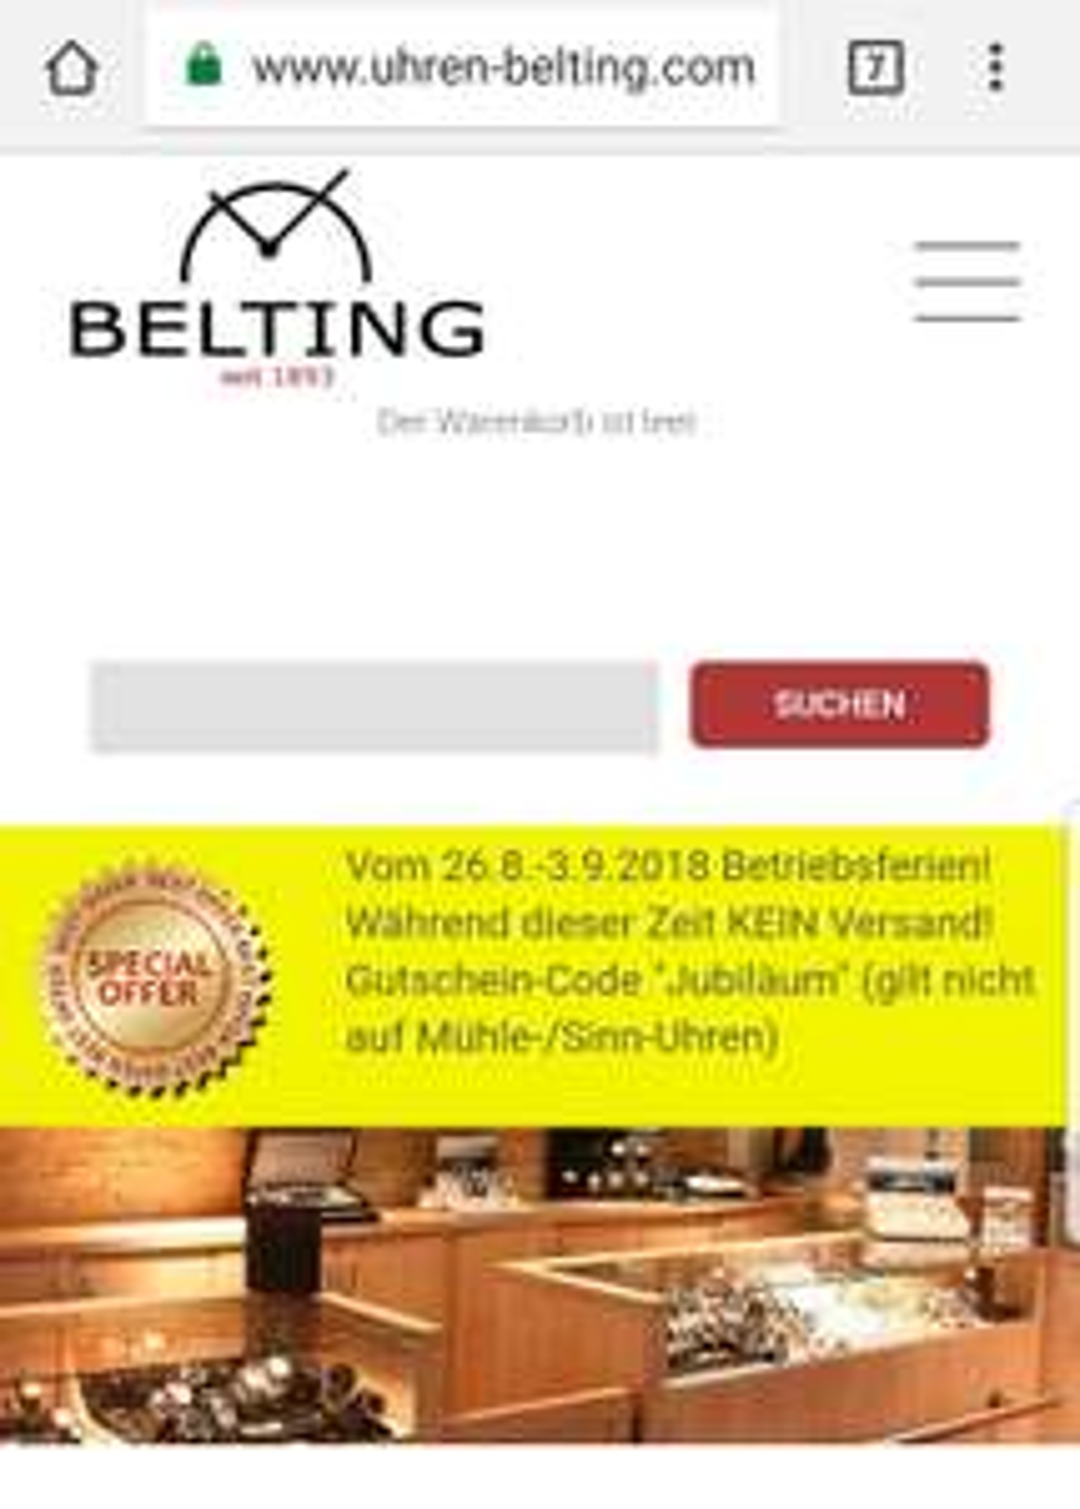 20% bei uhren-belting.com